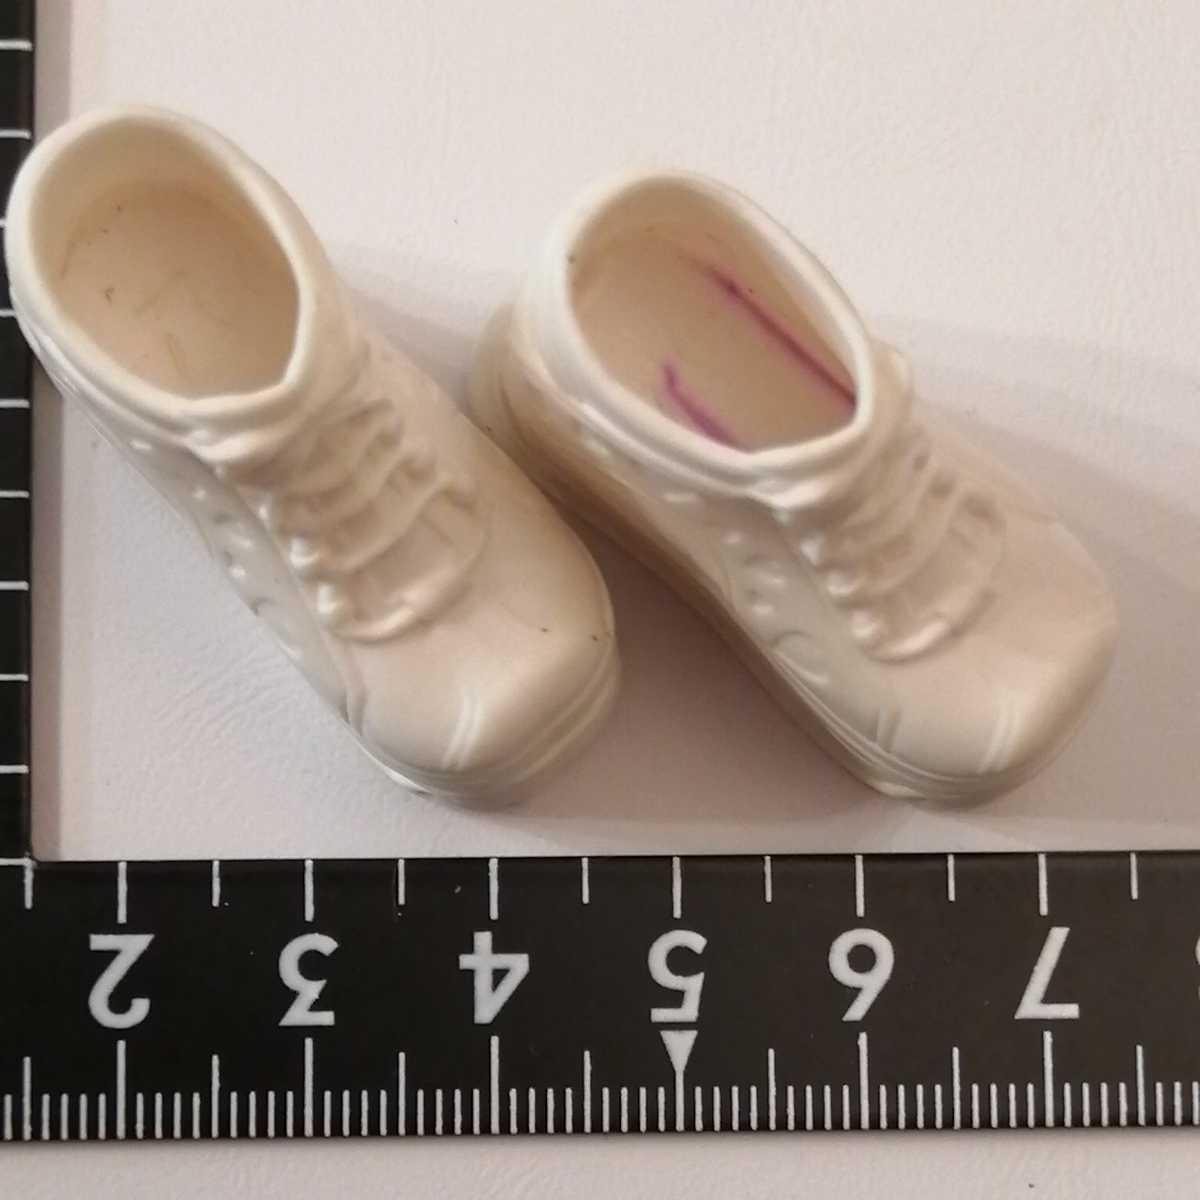 人形用 白 ホワイト ハート 厚底 ブライス リカちゃん ピュアニーモ スニーカー momokodoll着用可能 靴 シューズ 1/6ドール 靴下ok_画像3